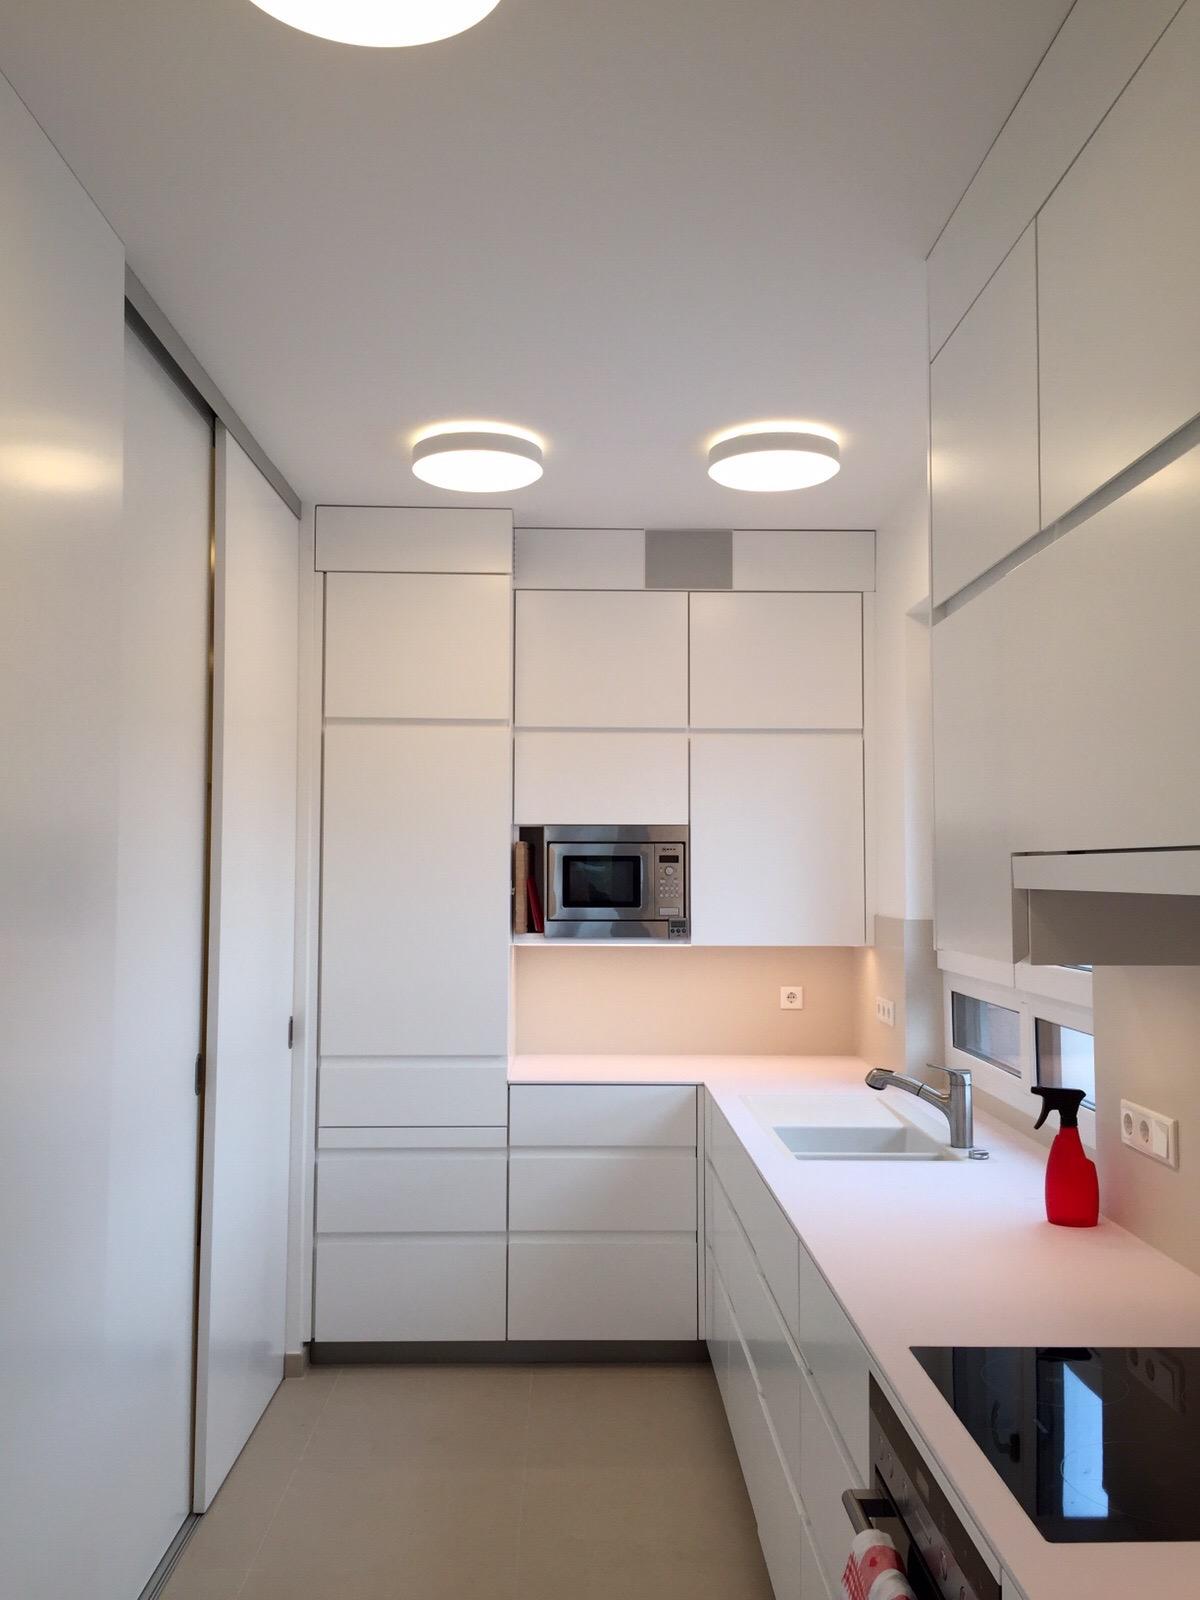 k che und einbauschr nke schreinerei kolar. Black Bedroom Furniture Sets. Home Design Ideas